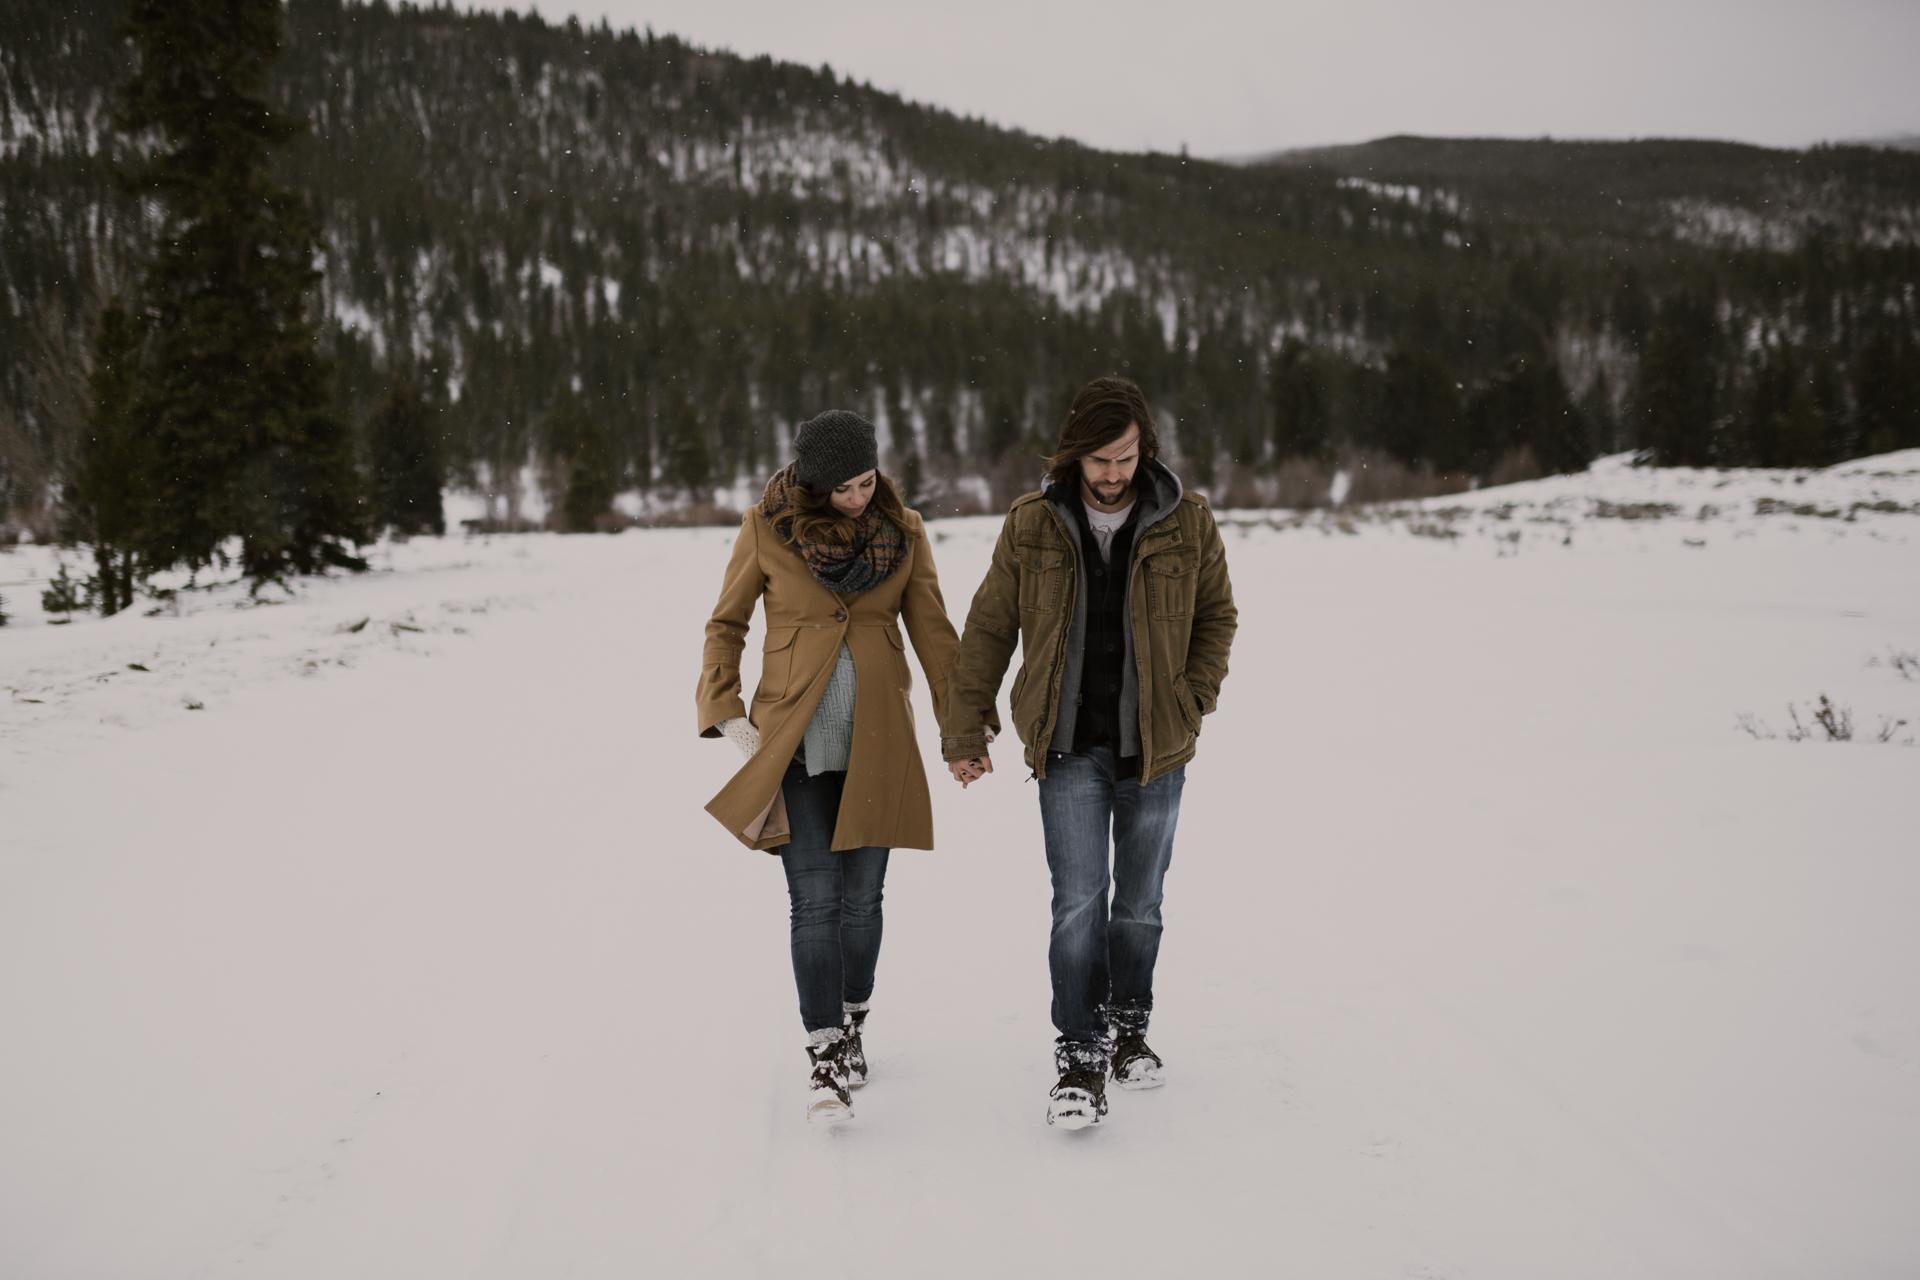 snowy-mountain-colorado-couples-shoot-21.jpg